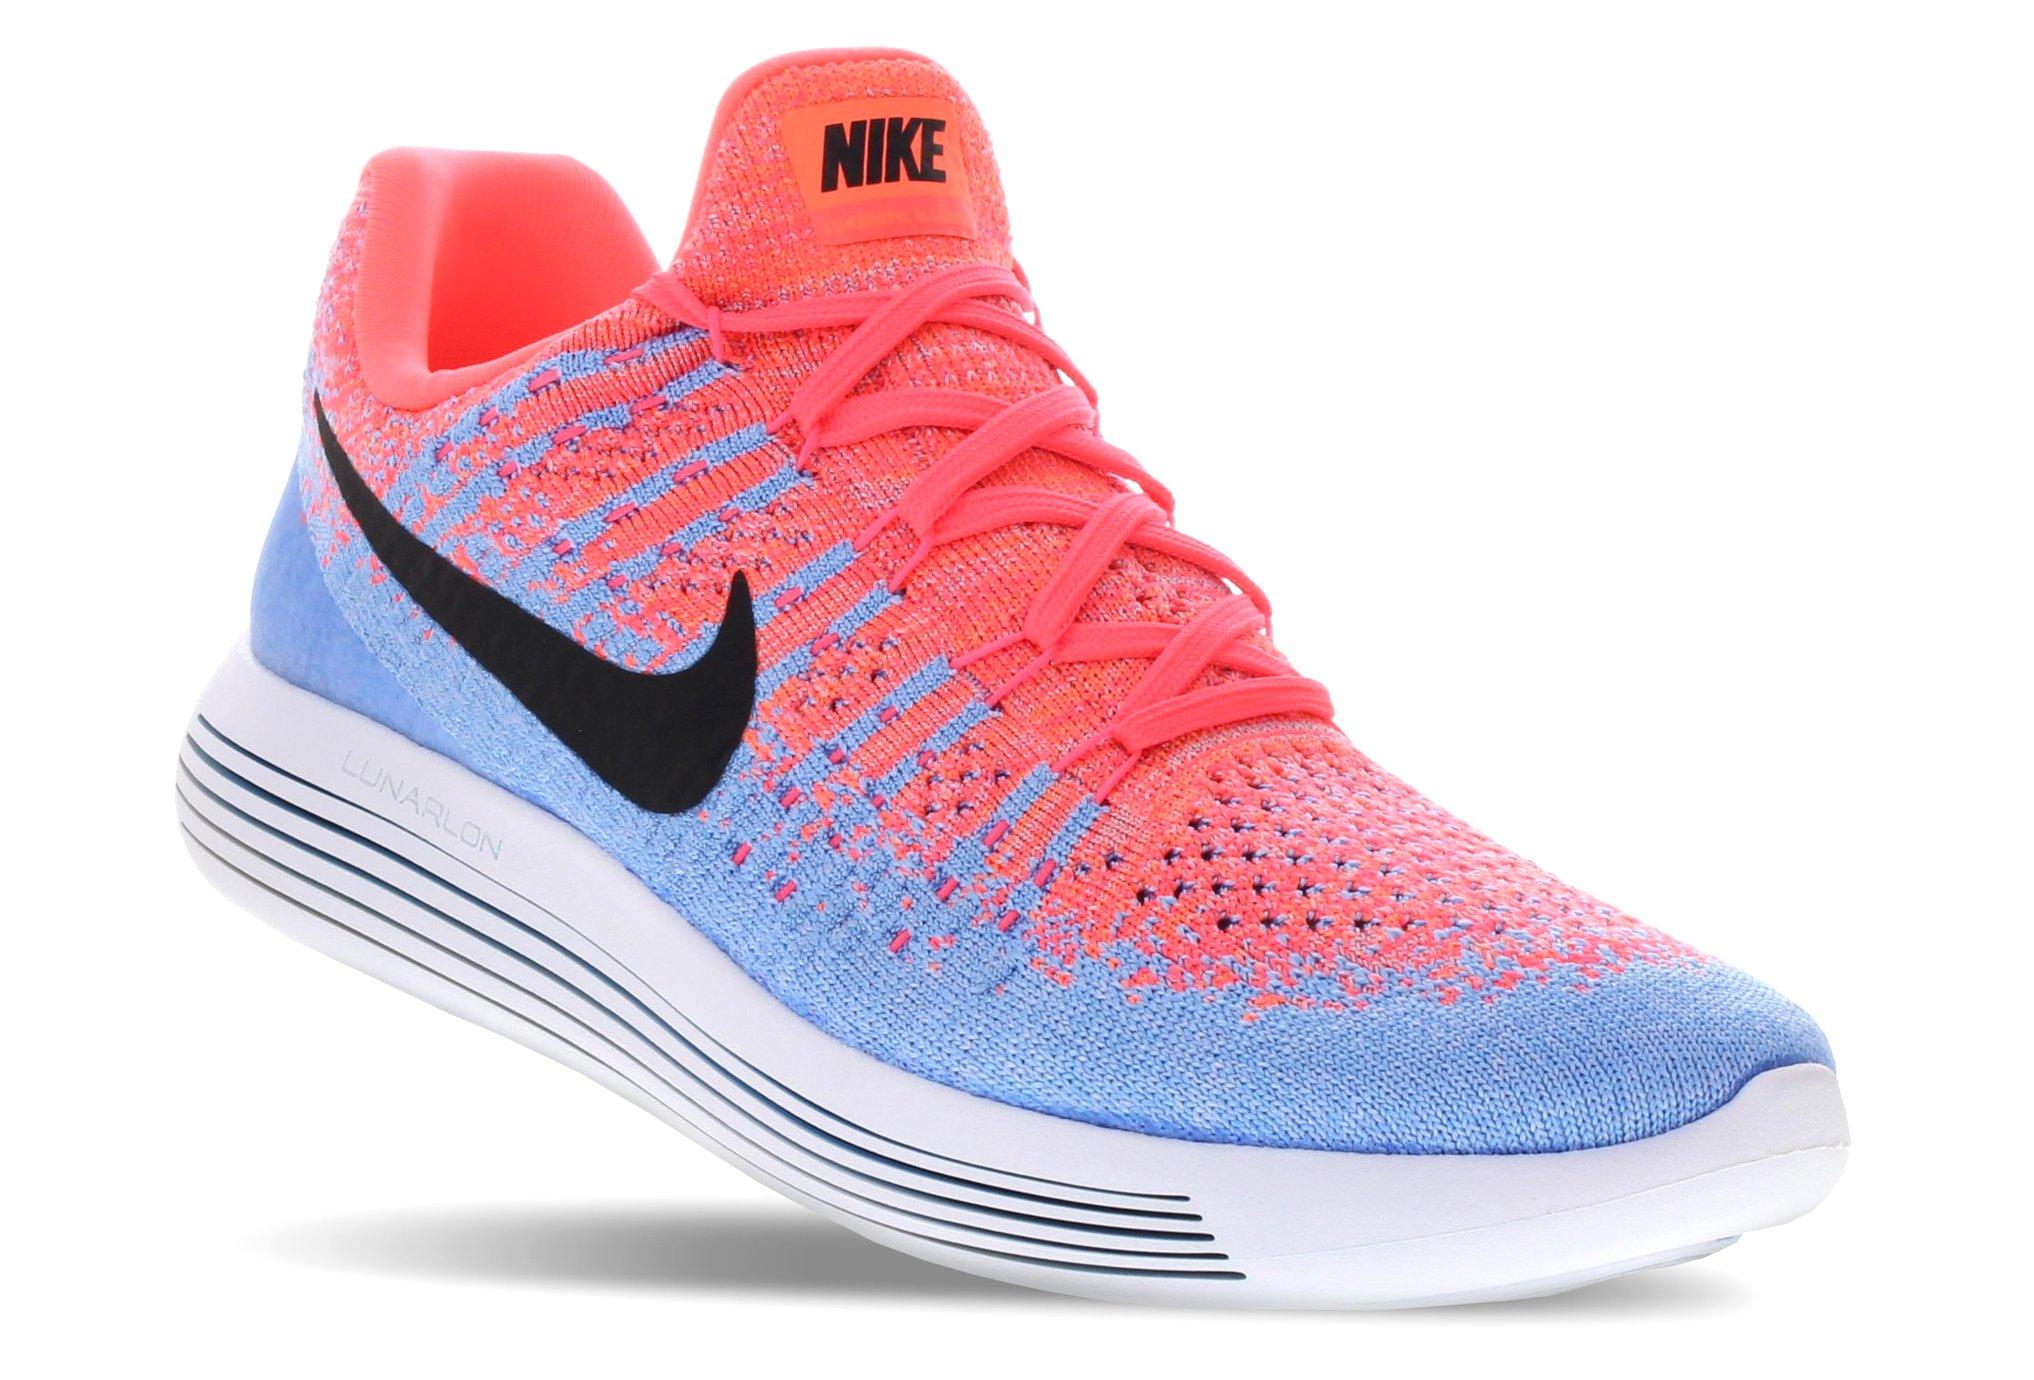 quality design 9bd65 2b752 Nike LunarEpic Low Flyknit 2 W Diététique Chaussures femme